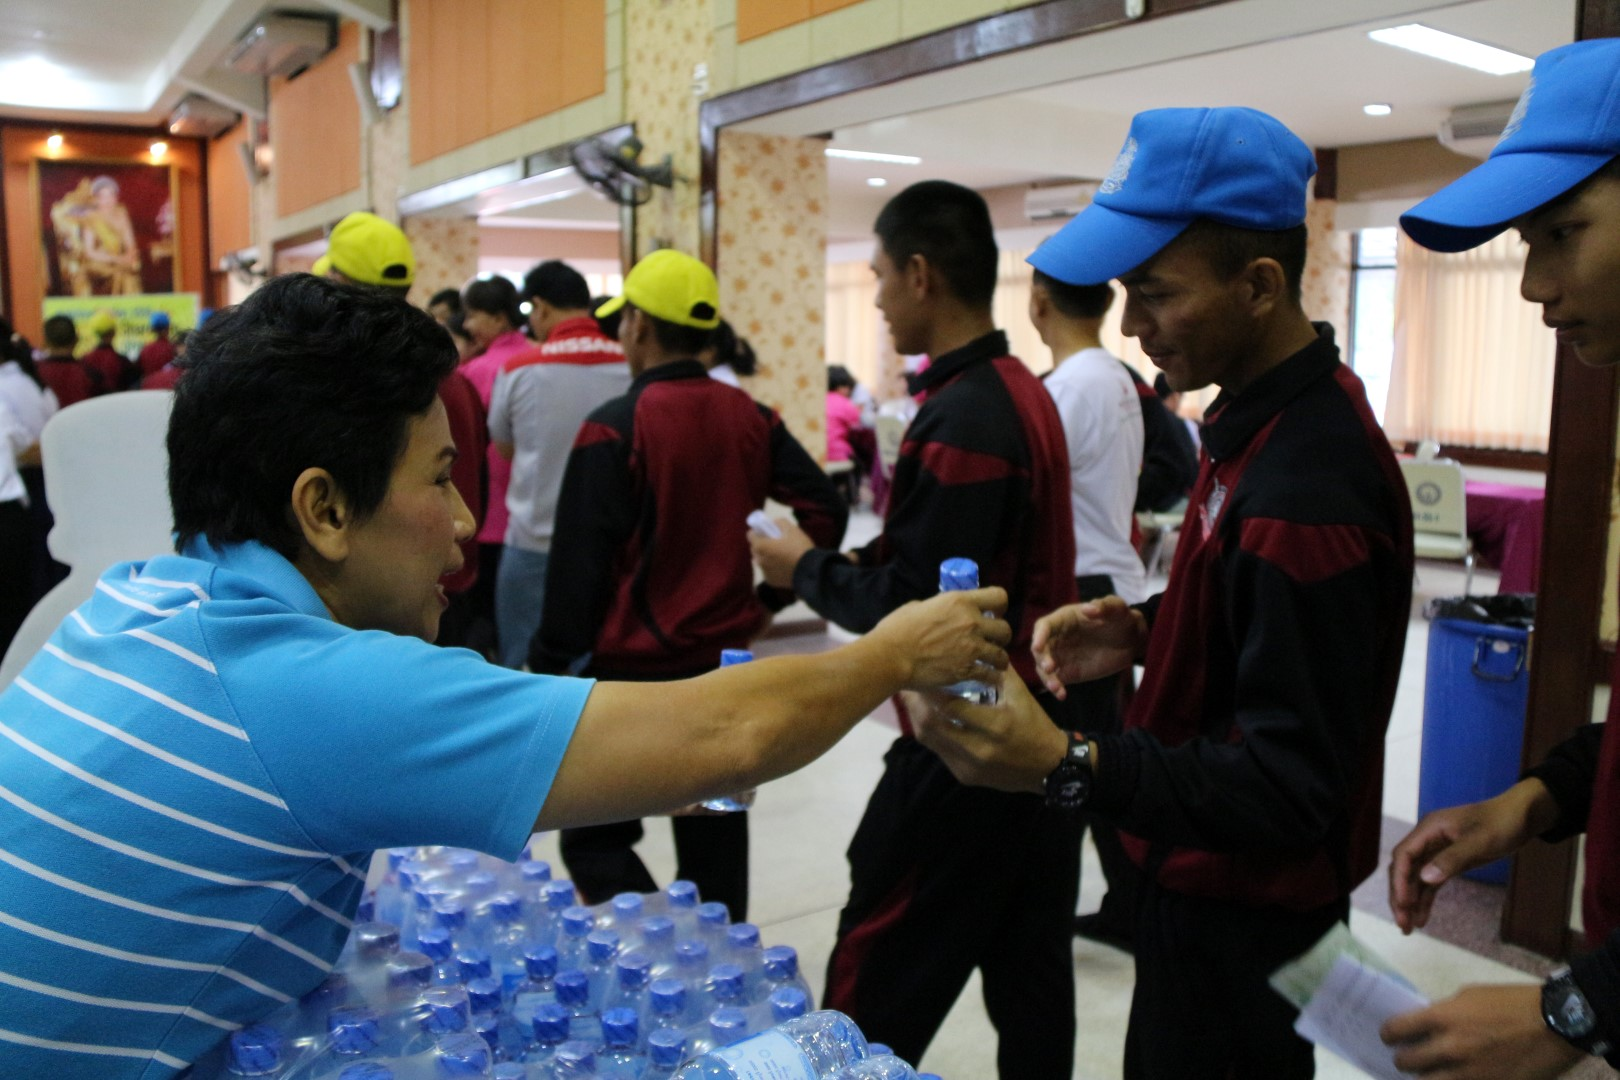 กปภ.ชลบุรี (พ) บริการน้ำดื่มใน วันผู้บริจาคโลหิตโลก (World Blood Donor Day)